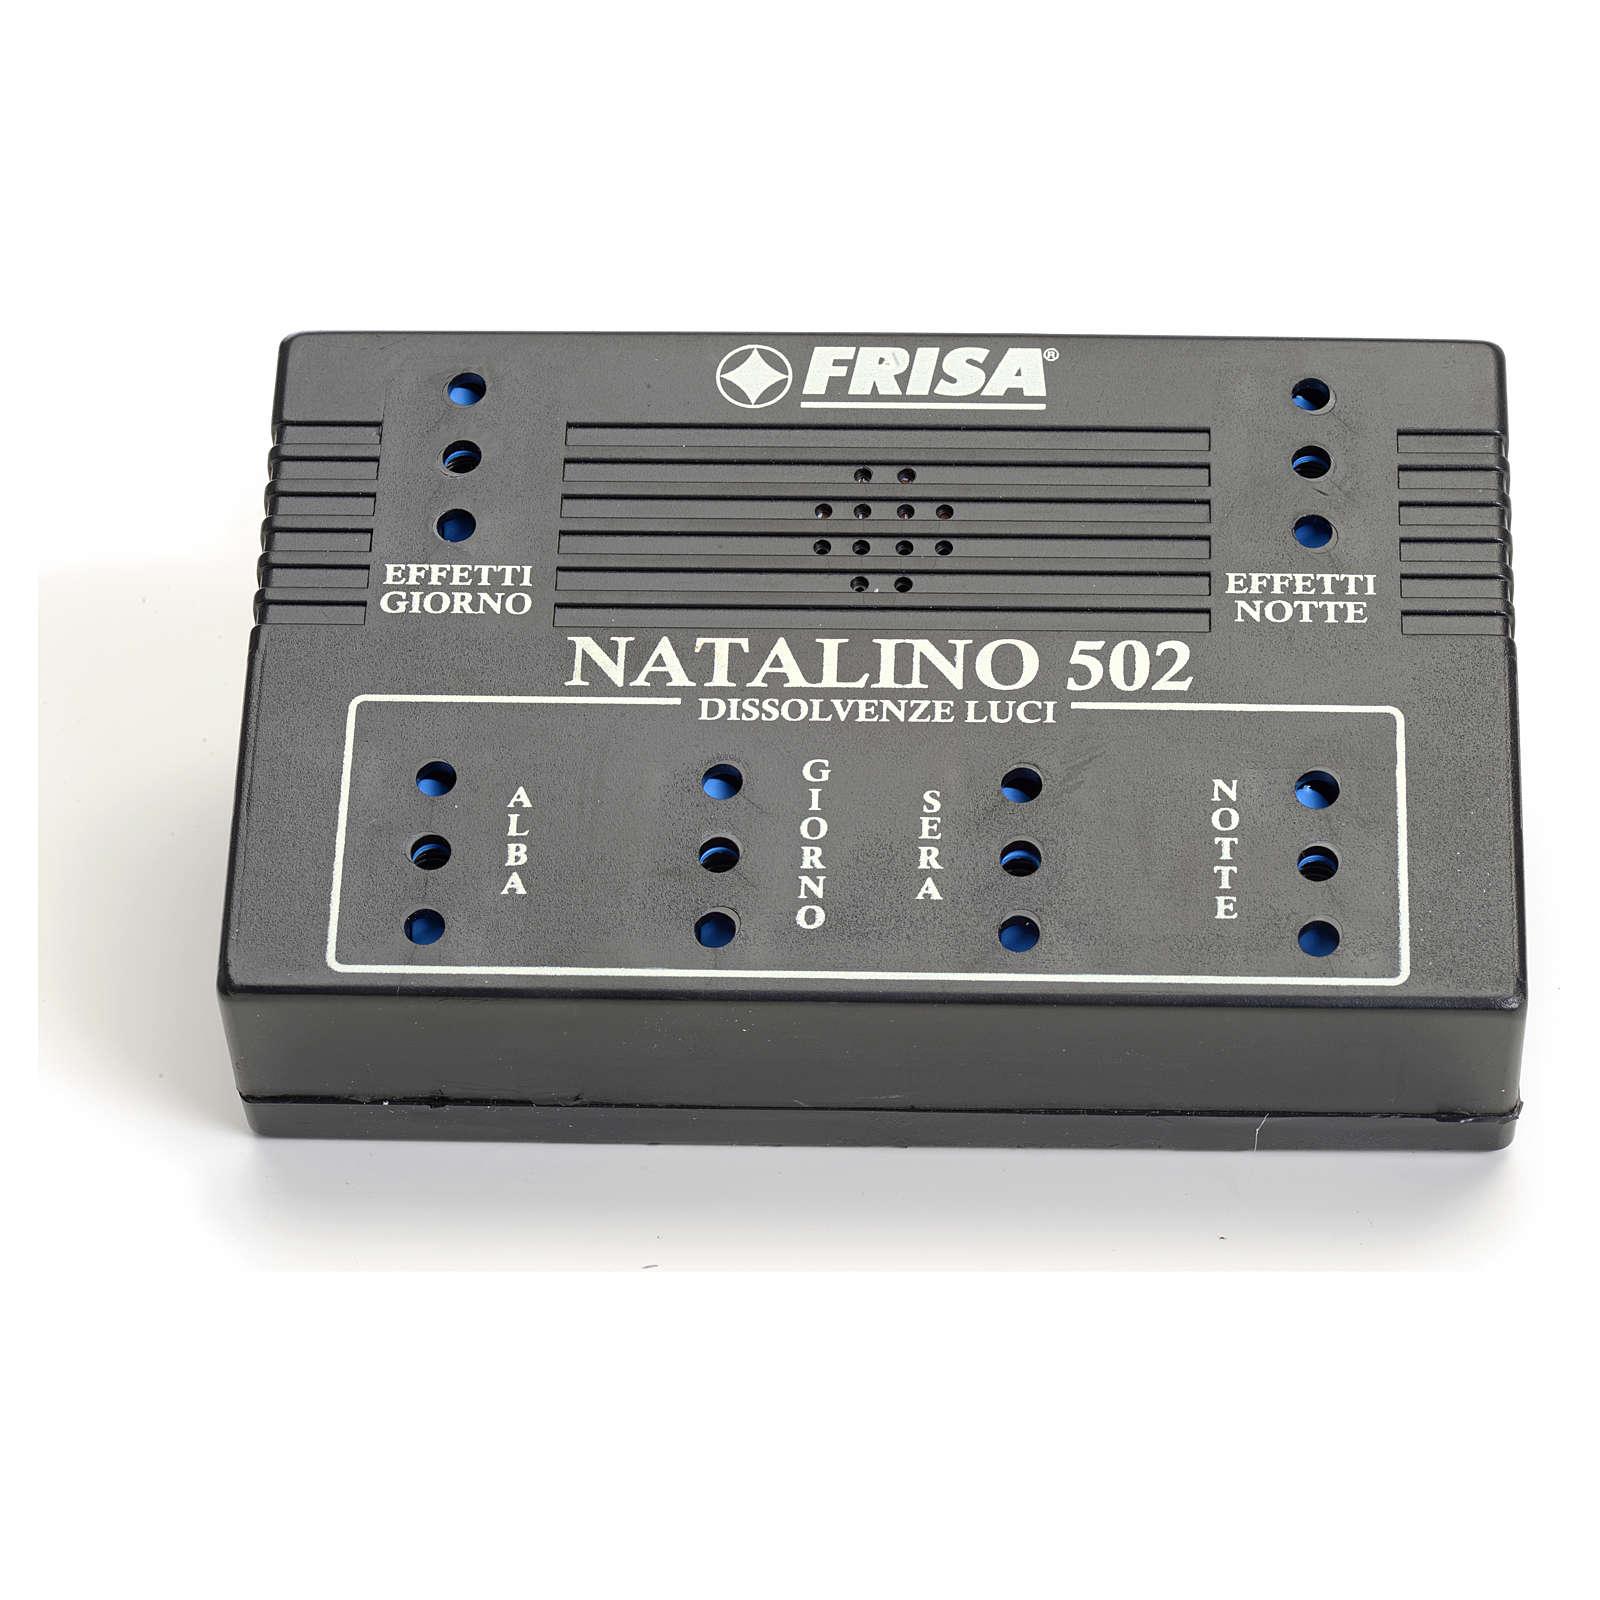 Natalino N502 dissolvenza giorno e notte 4